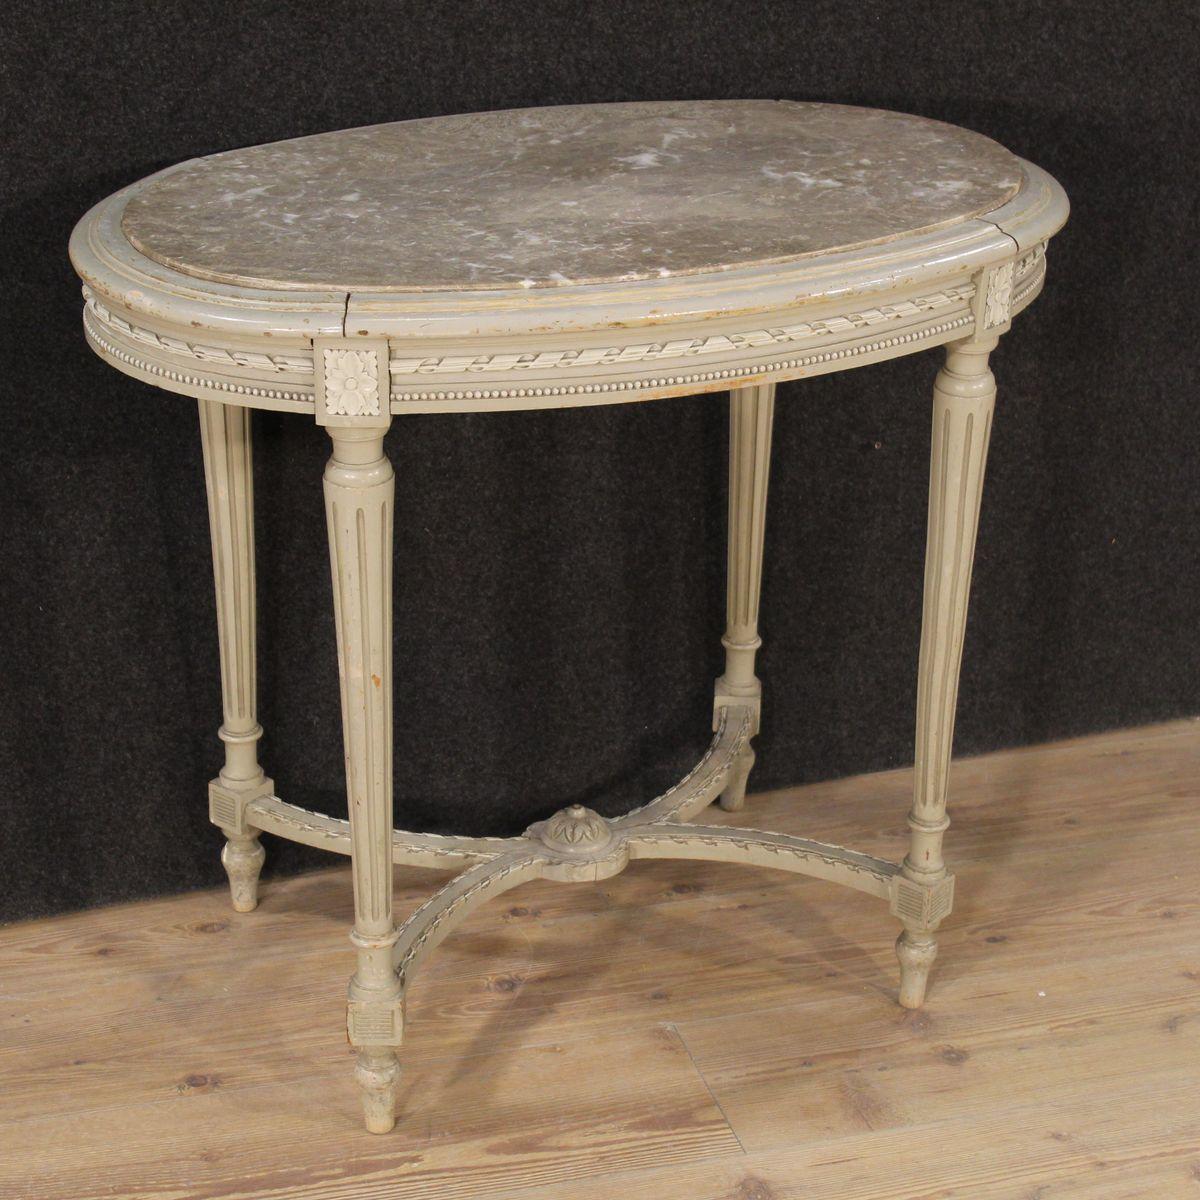 table basse de style louis xvi en bois laqu en vente sur pamono. Black Bedroom Furniture Sets. Home Design Ideas